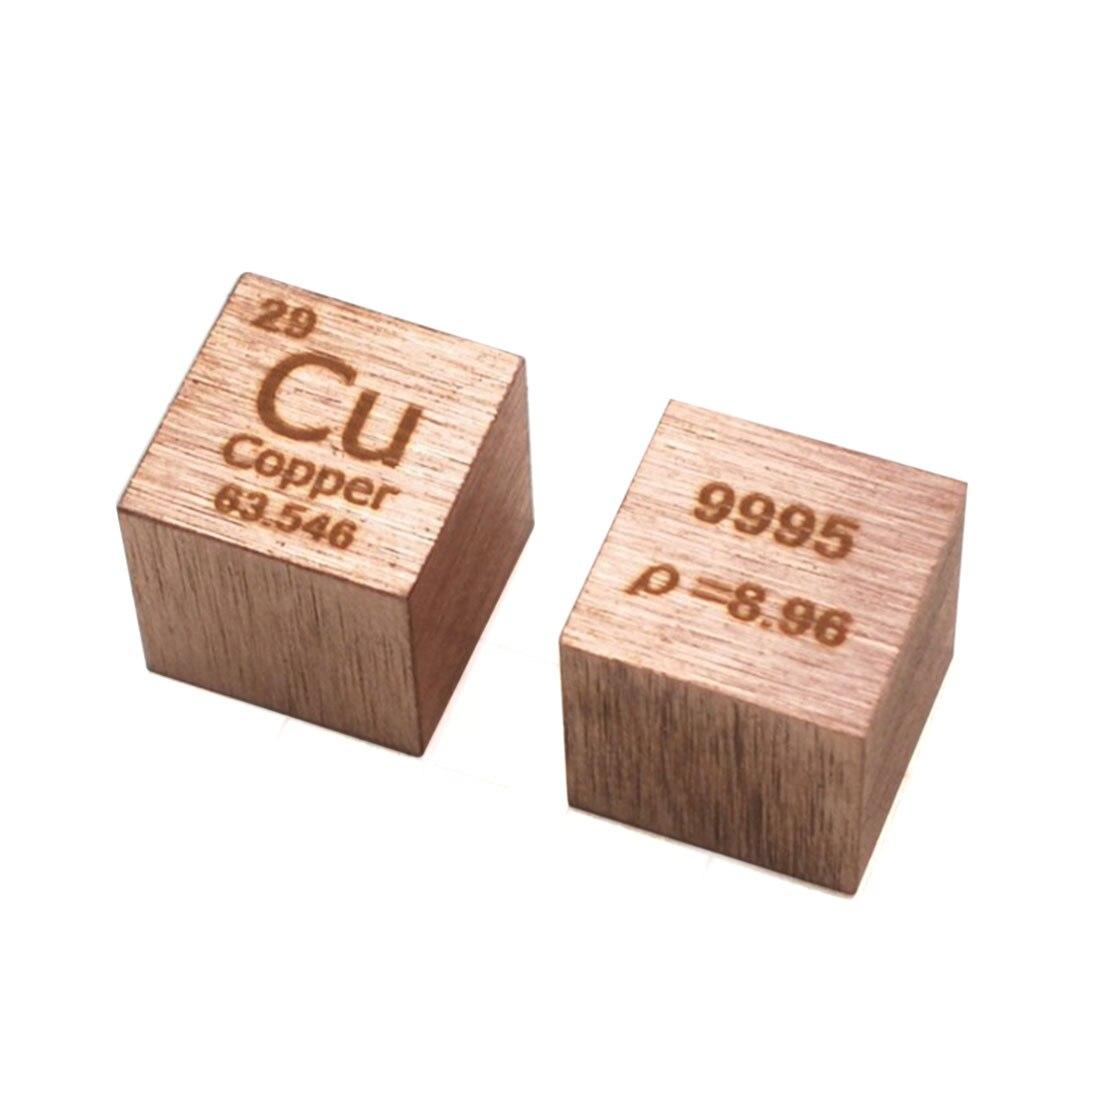 1 шт., игрушки для детей, Обучающие кубики для рукоделия, 10X10X10 мм - Цвет: 4